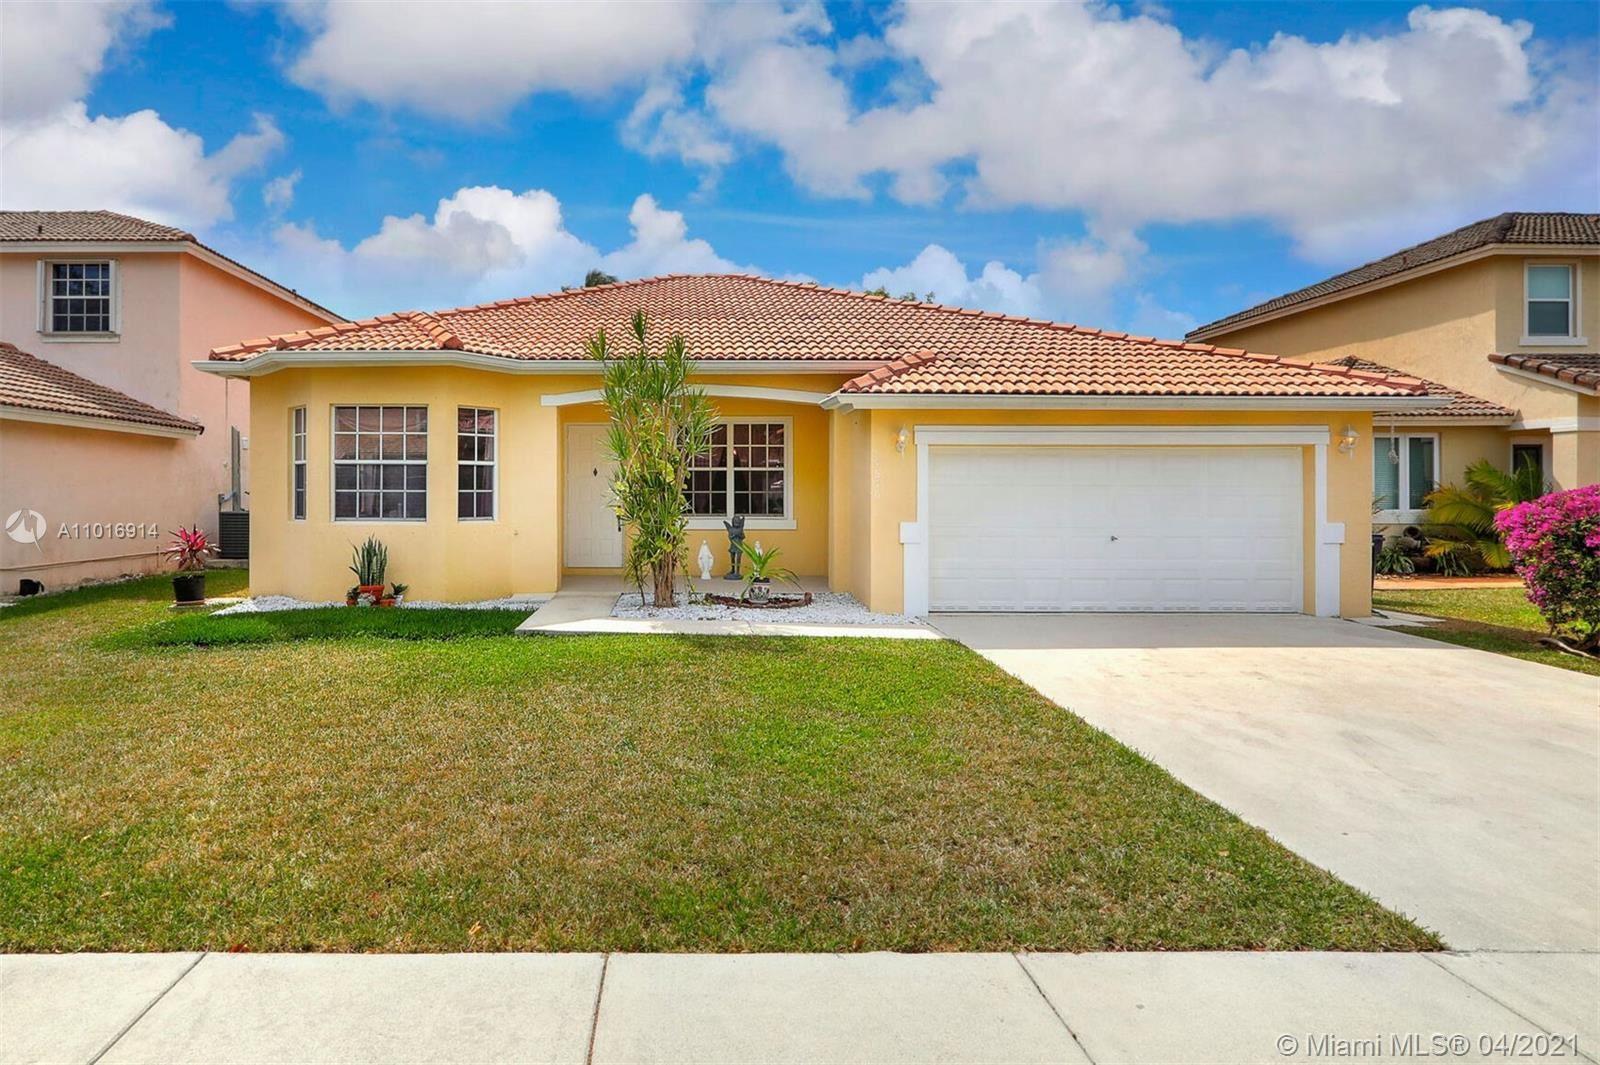 14676 SW 159th Pl, Miami, FL 33196 - #: A11016914